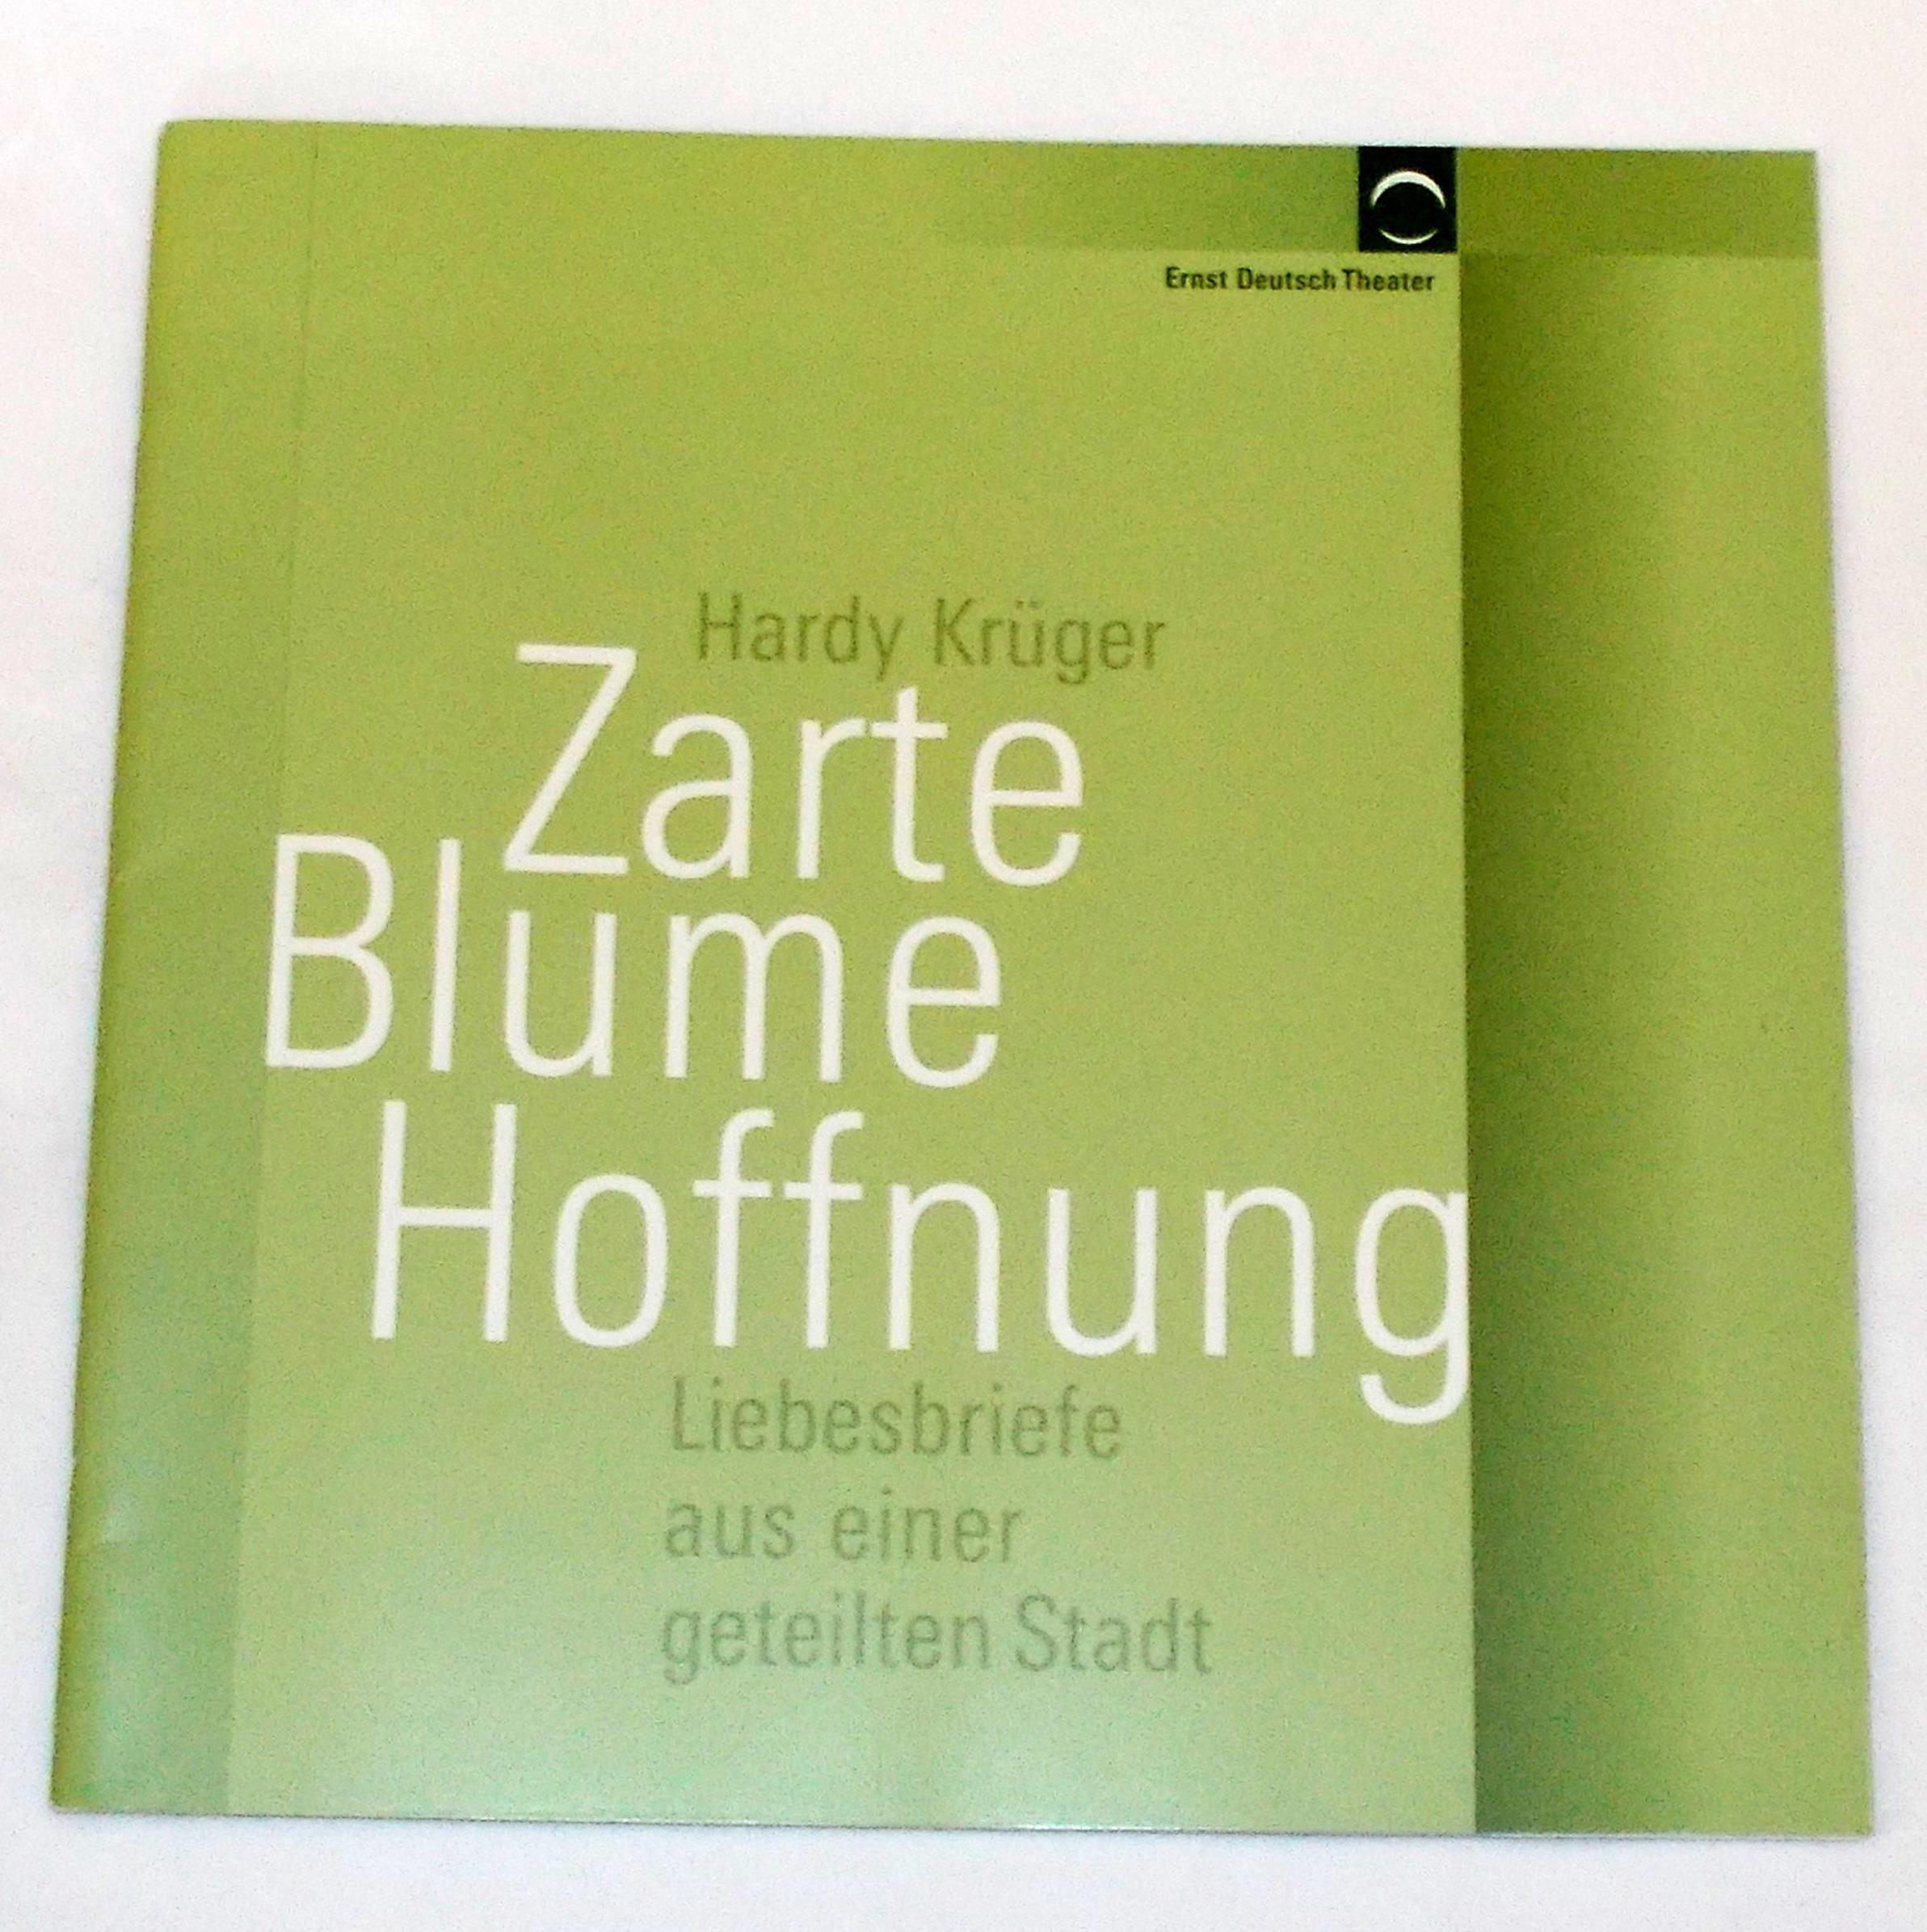 Programmheft Zarte Blume Hoffnung von Hardy Krüger. Ernst Deutsch Theater 2005